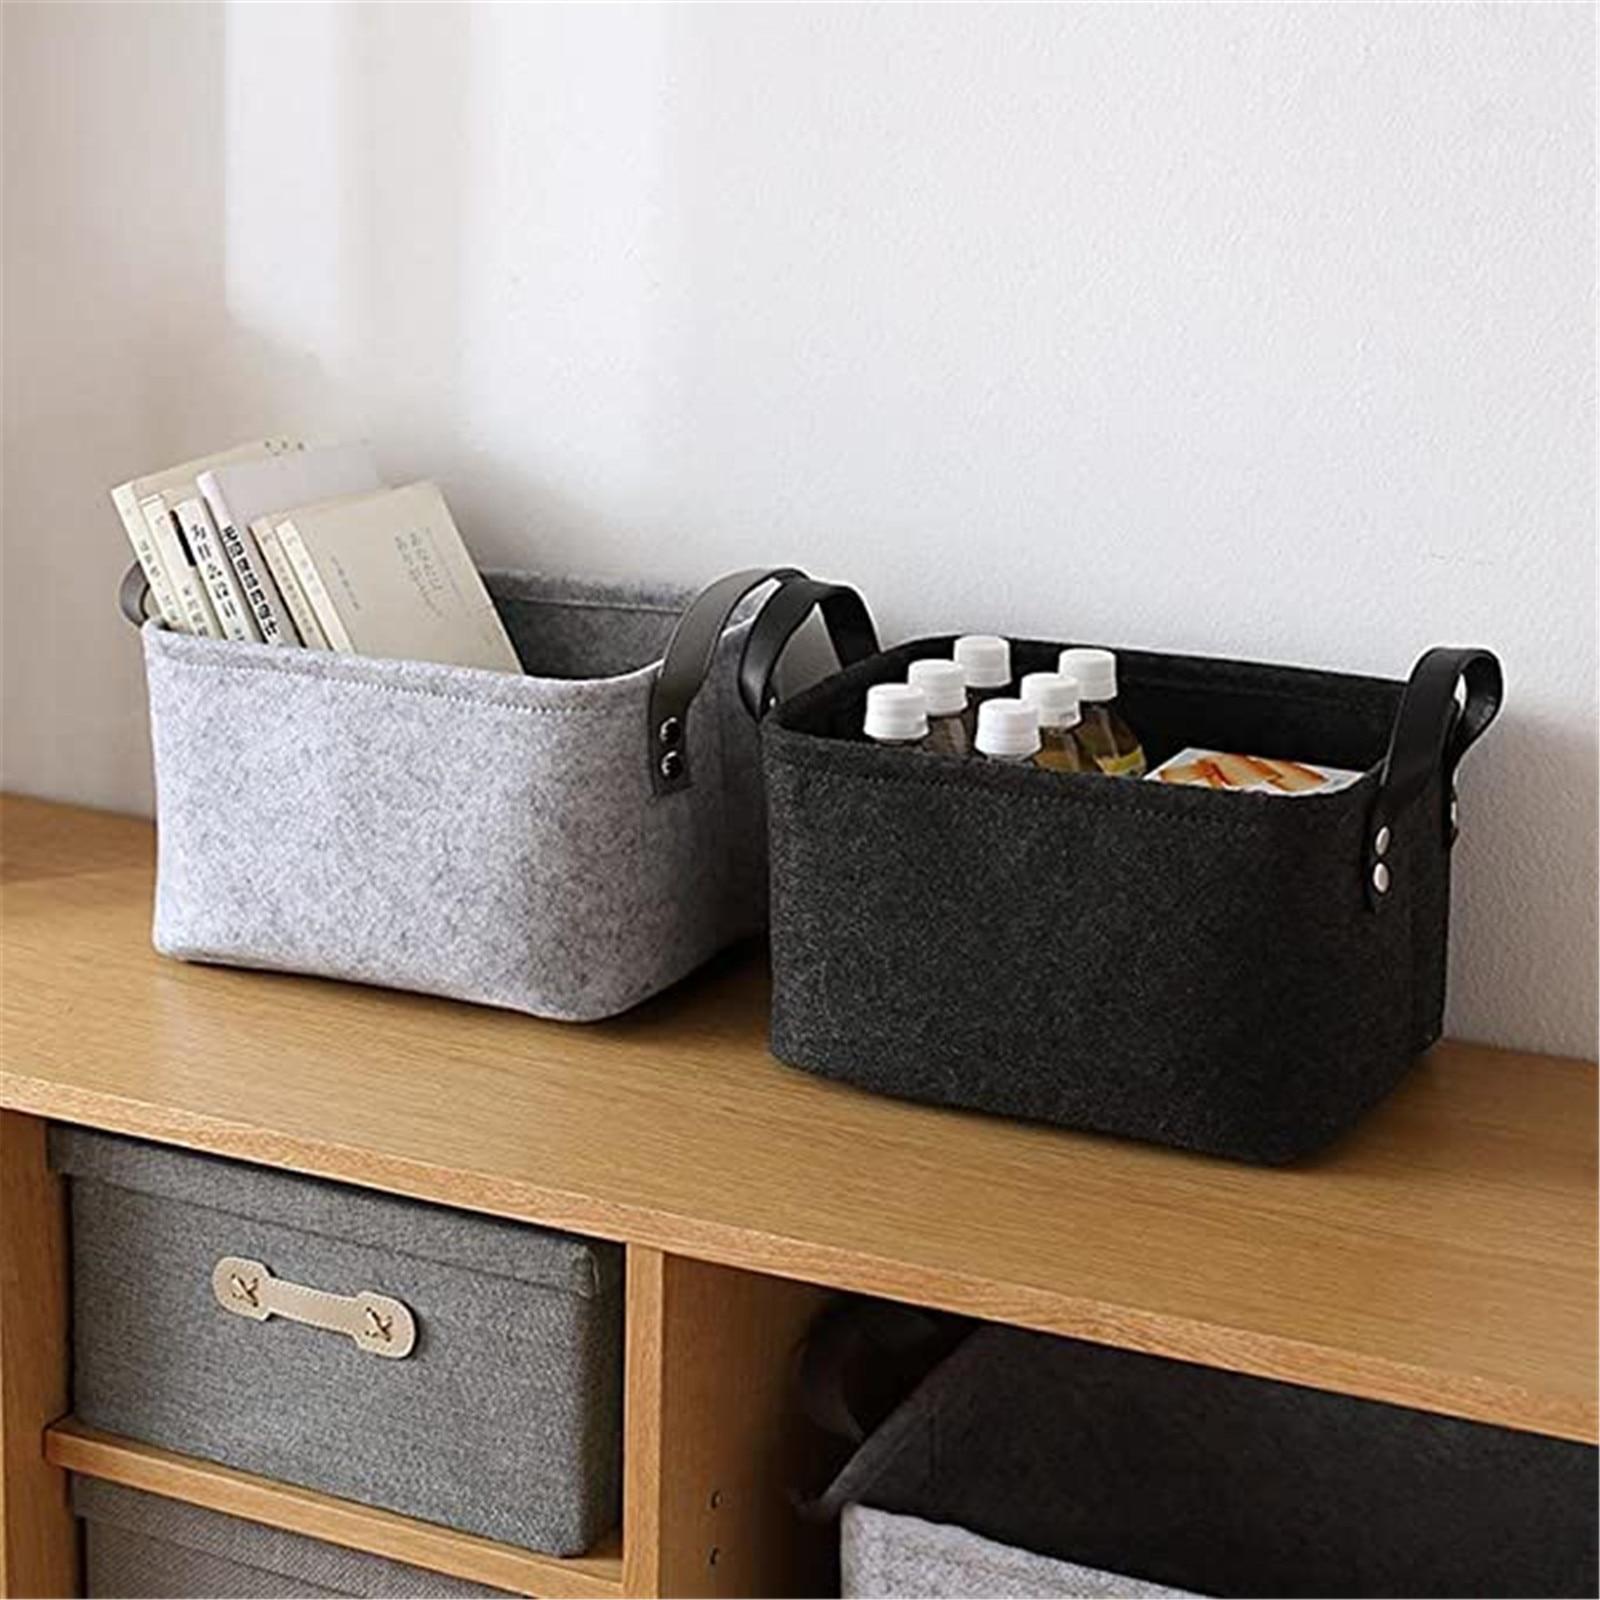 Складная корзина для хранения игрушек с хлопковый шнур для ручек домашнего баррель хранения всякой всячины игрушки грязной ткани Носки гот...